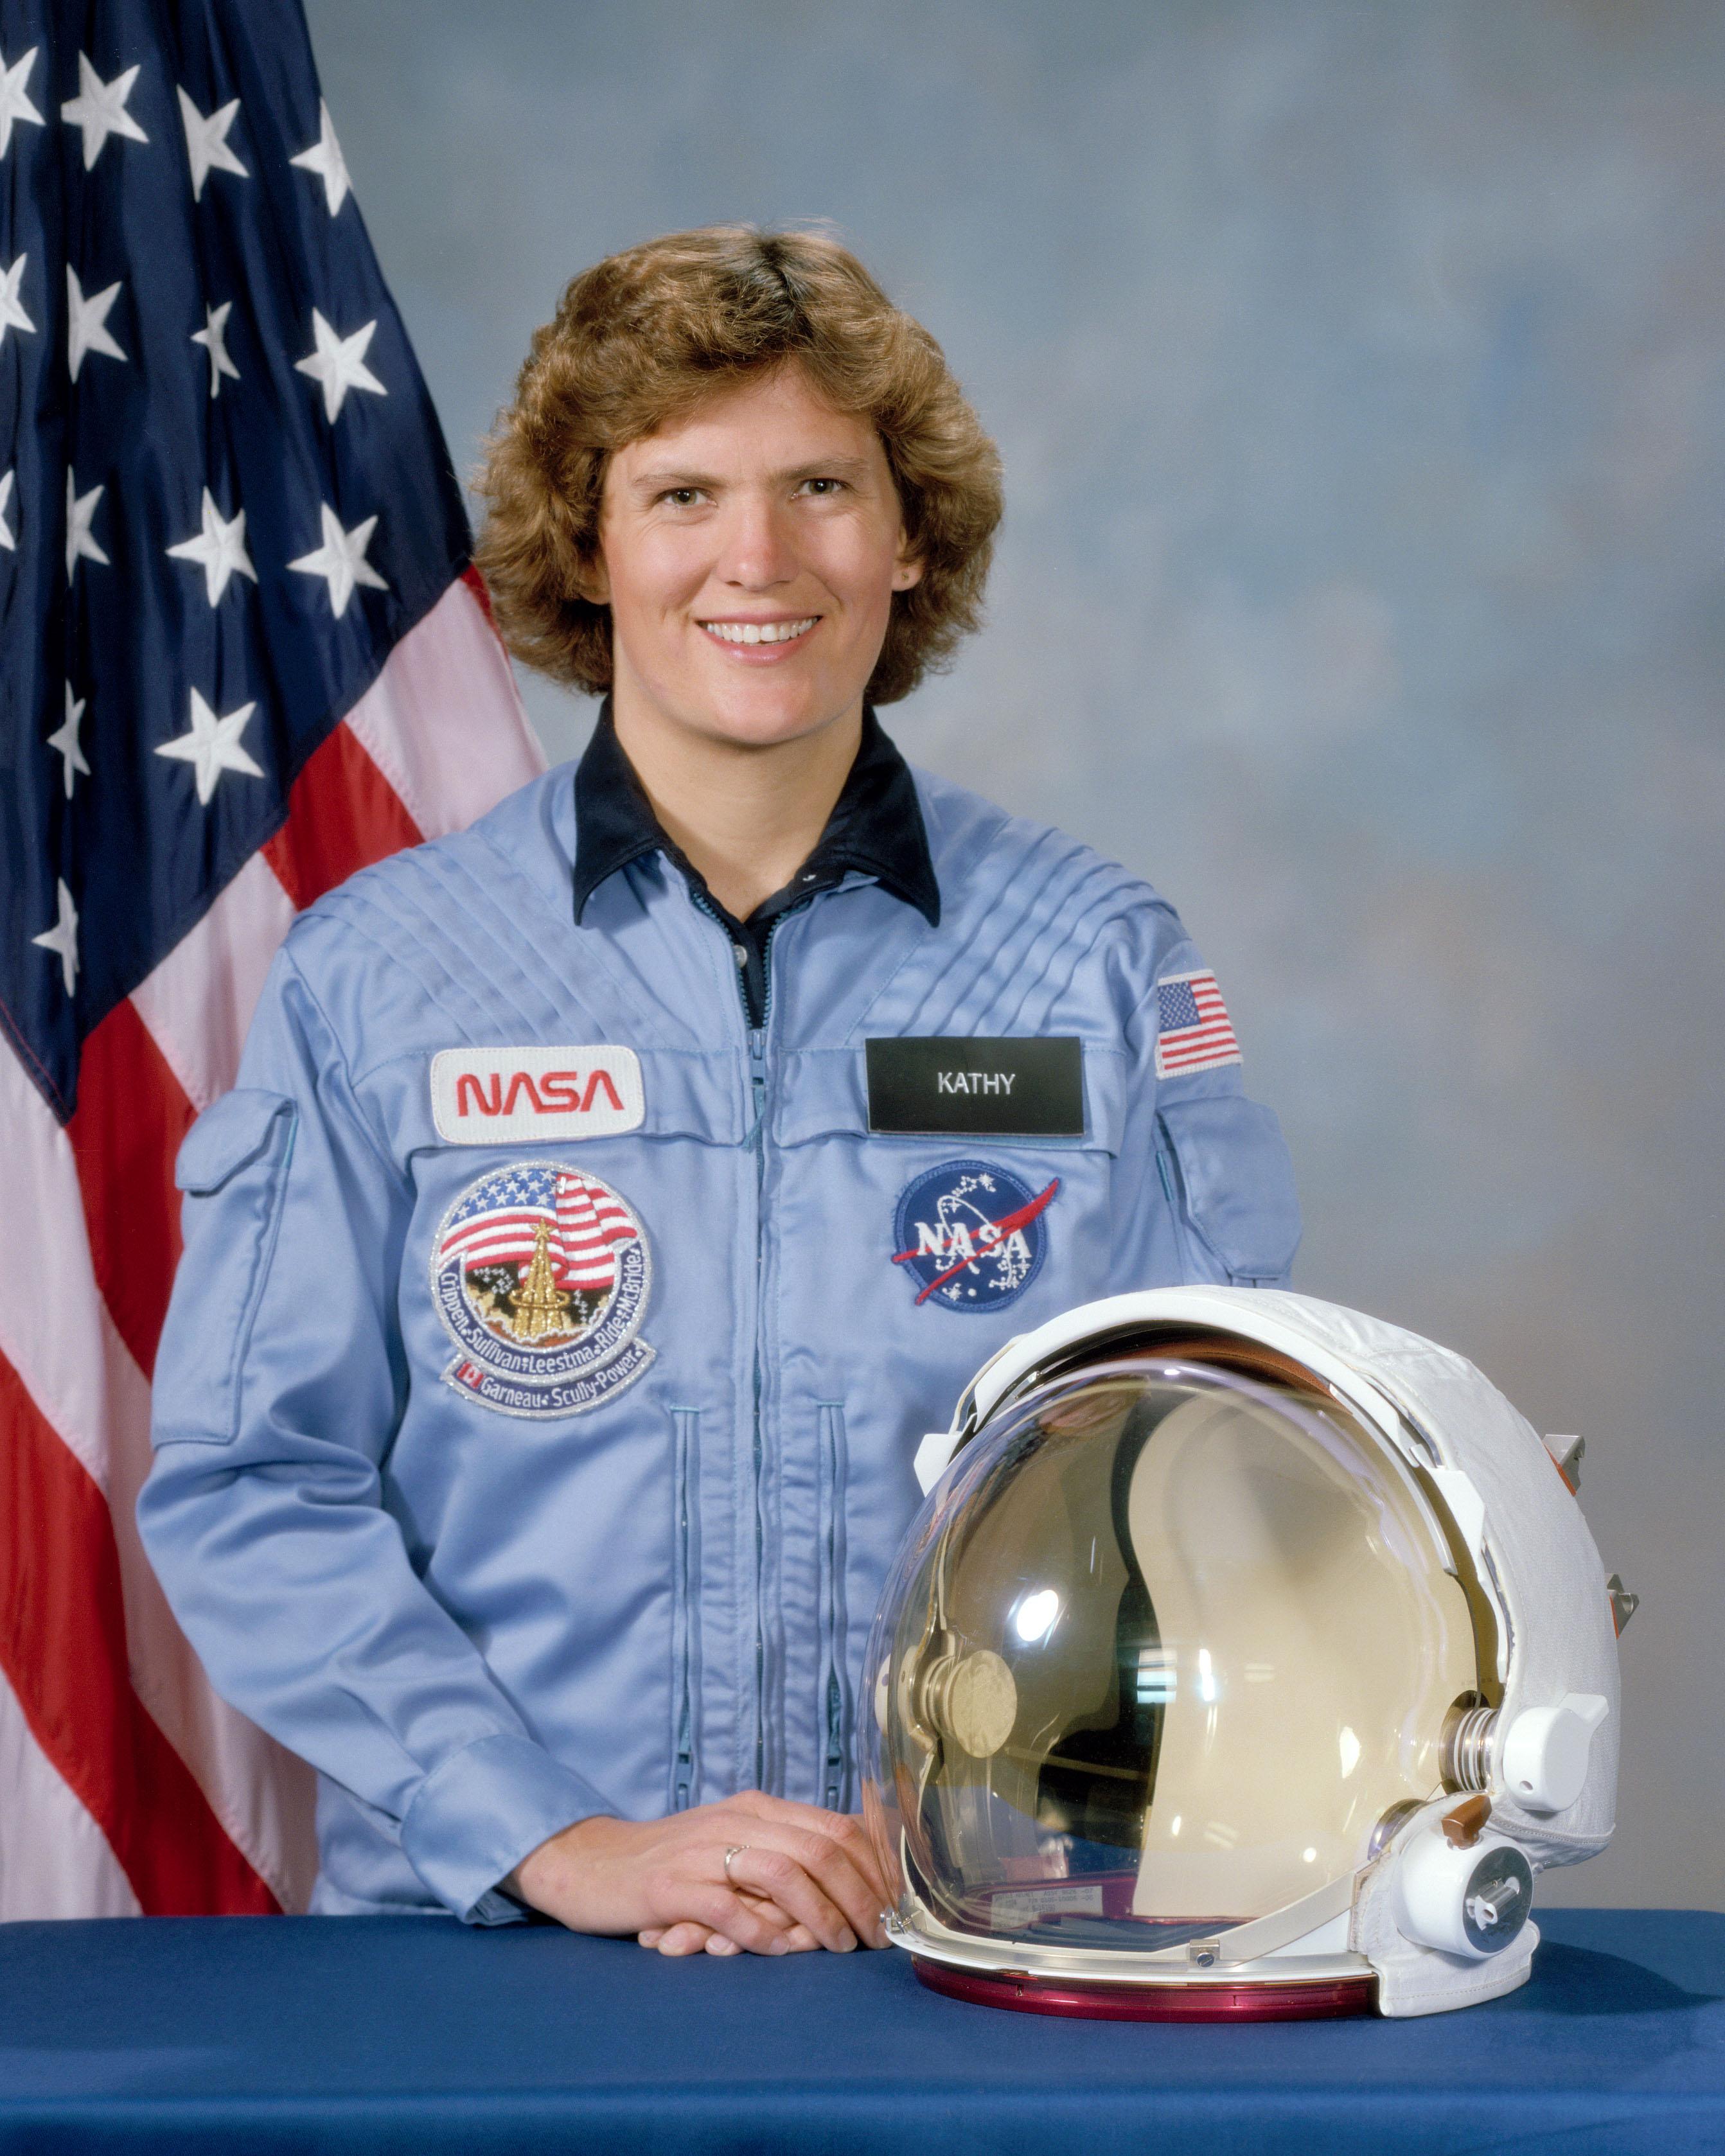 image of Kathryn D. Sullivan